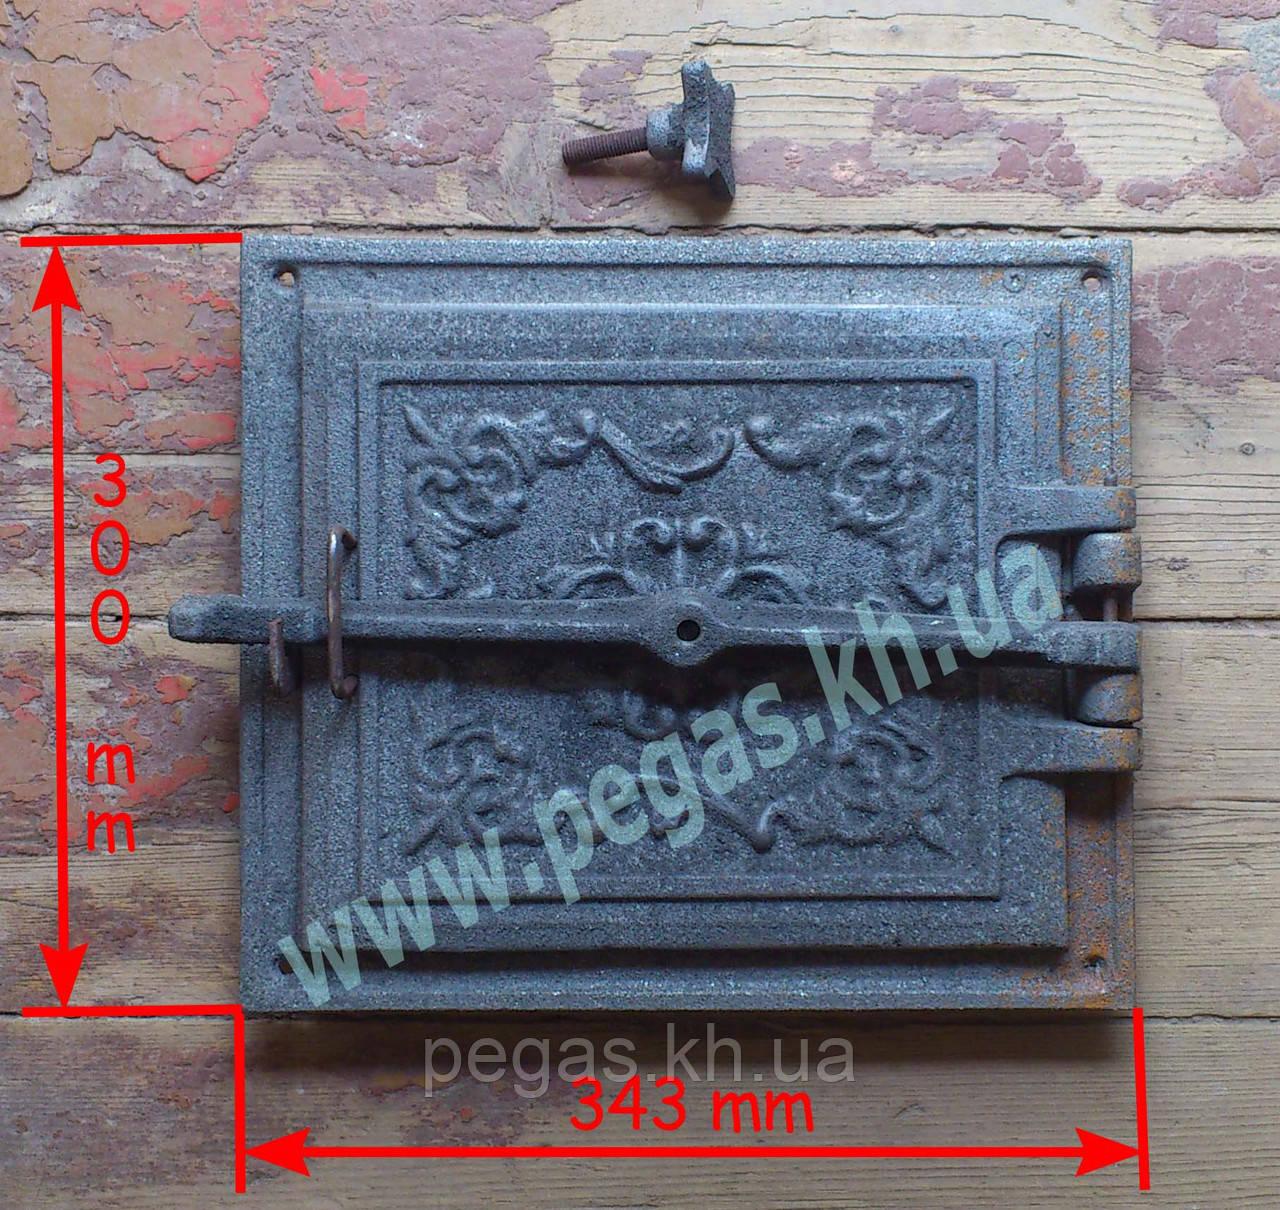 Дверка + отражатель, чугунное литье (300х343 мм) грубу, барбекю, мангал, печи